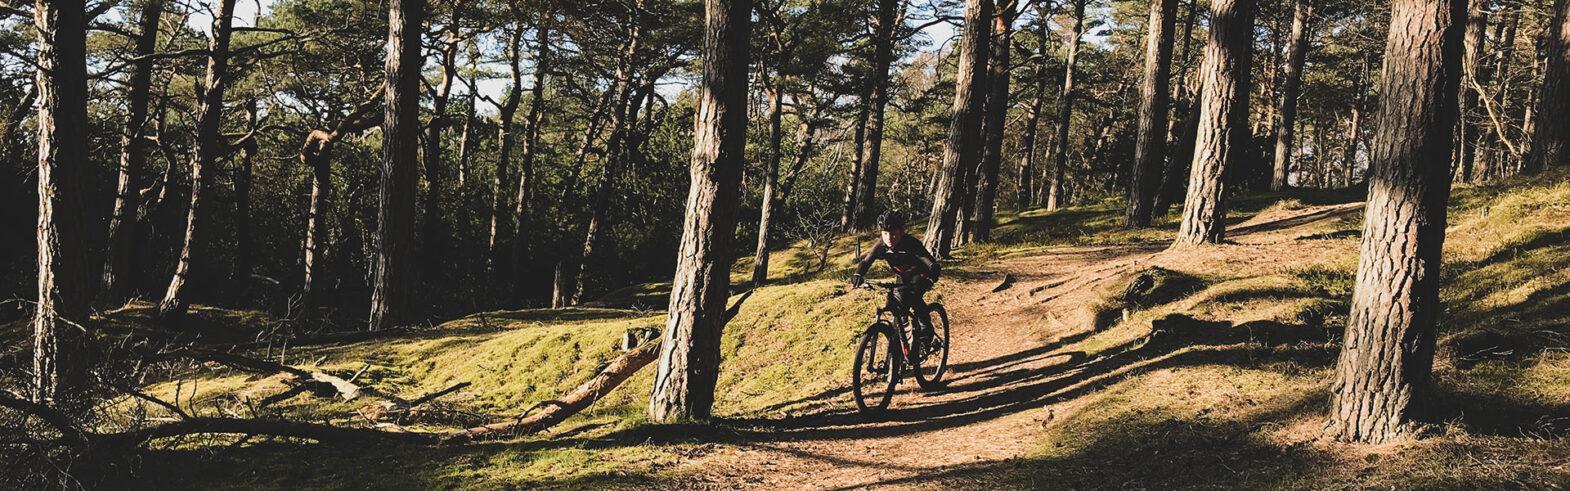 Ridge-cyklist på skogsväg